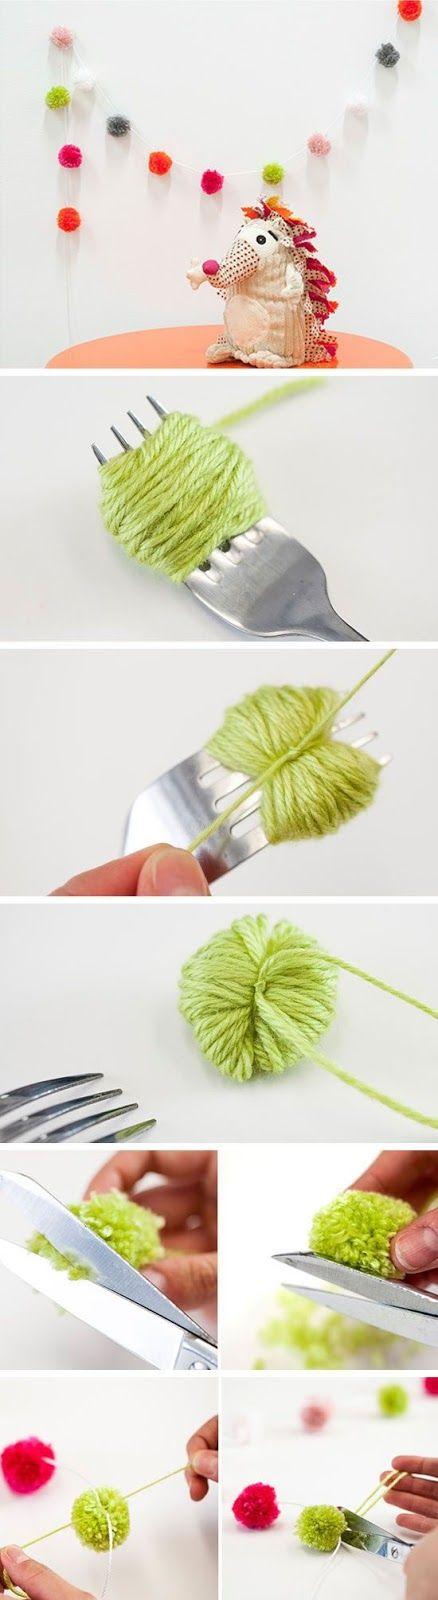 Manualidades: 10 ideas fáciles y bonitas para hacer guirnaldas